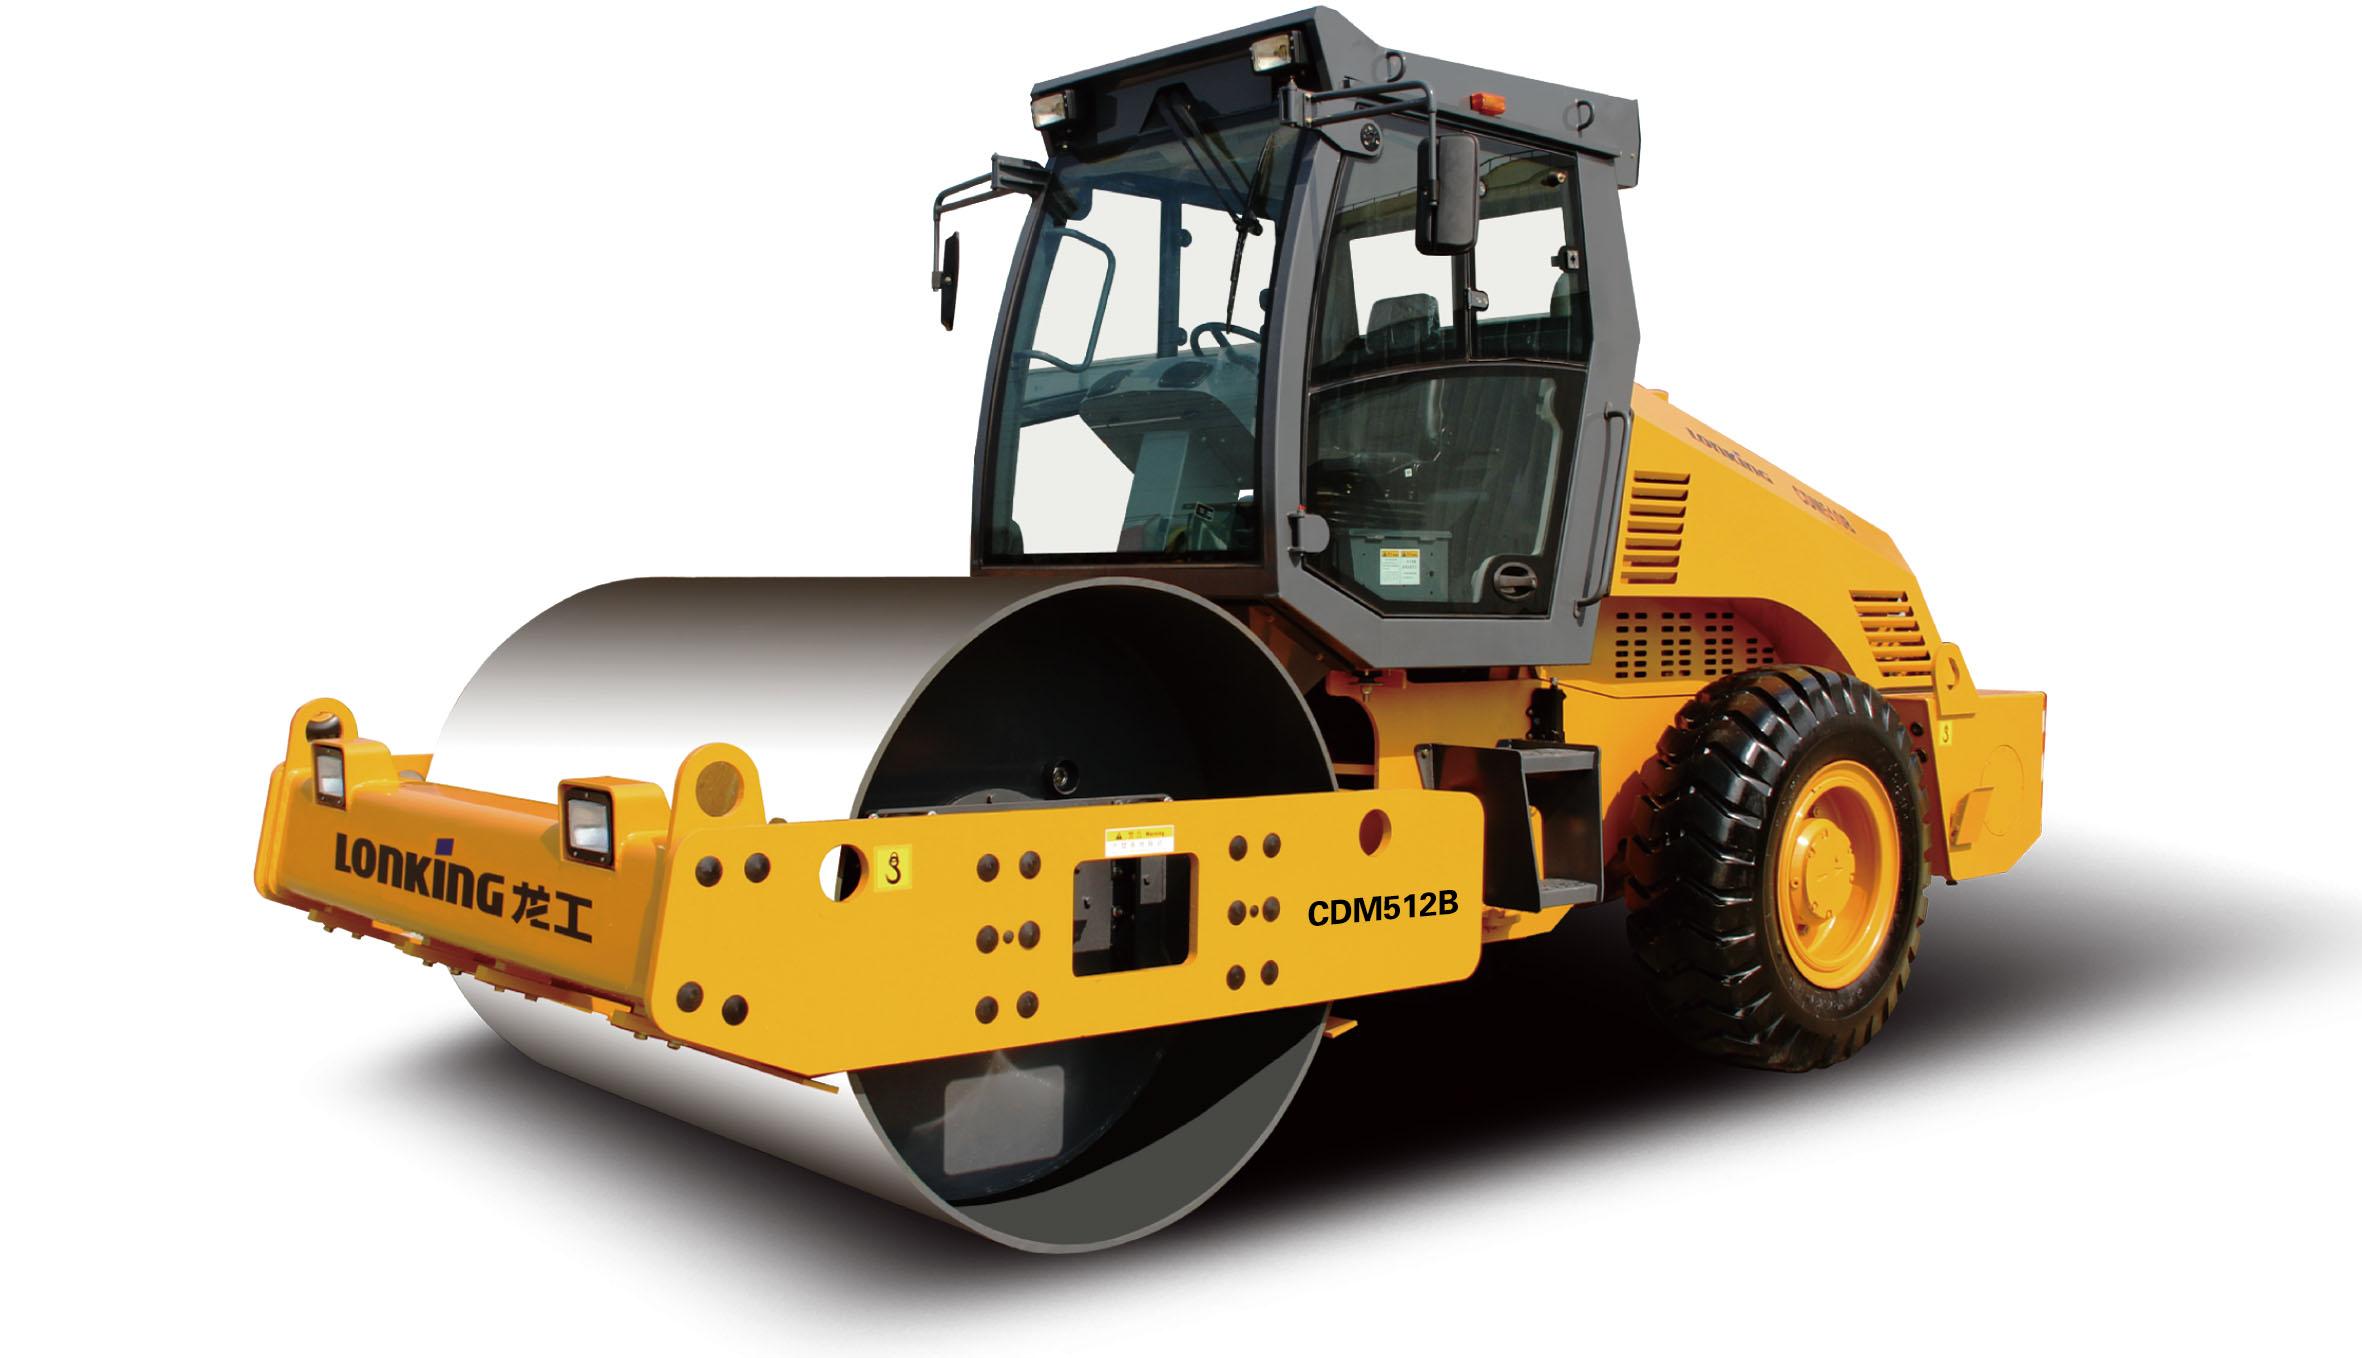 CDM512B